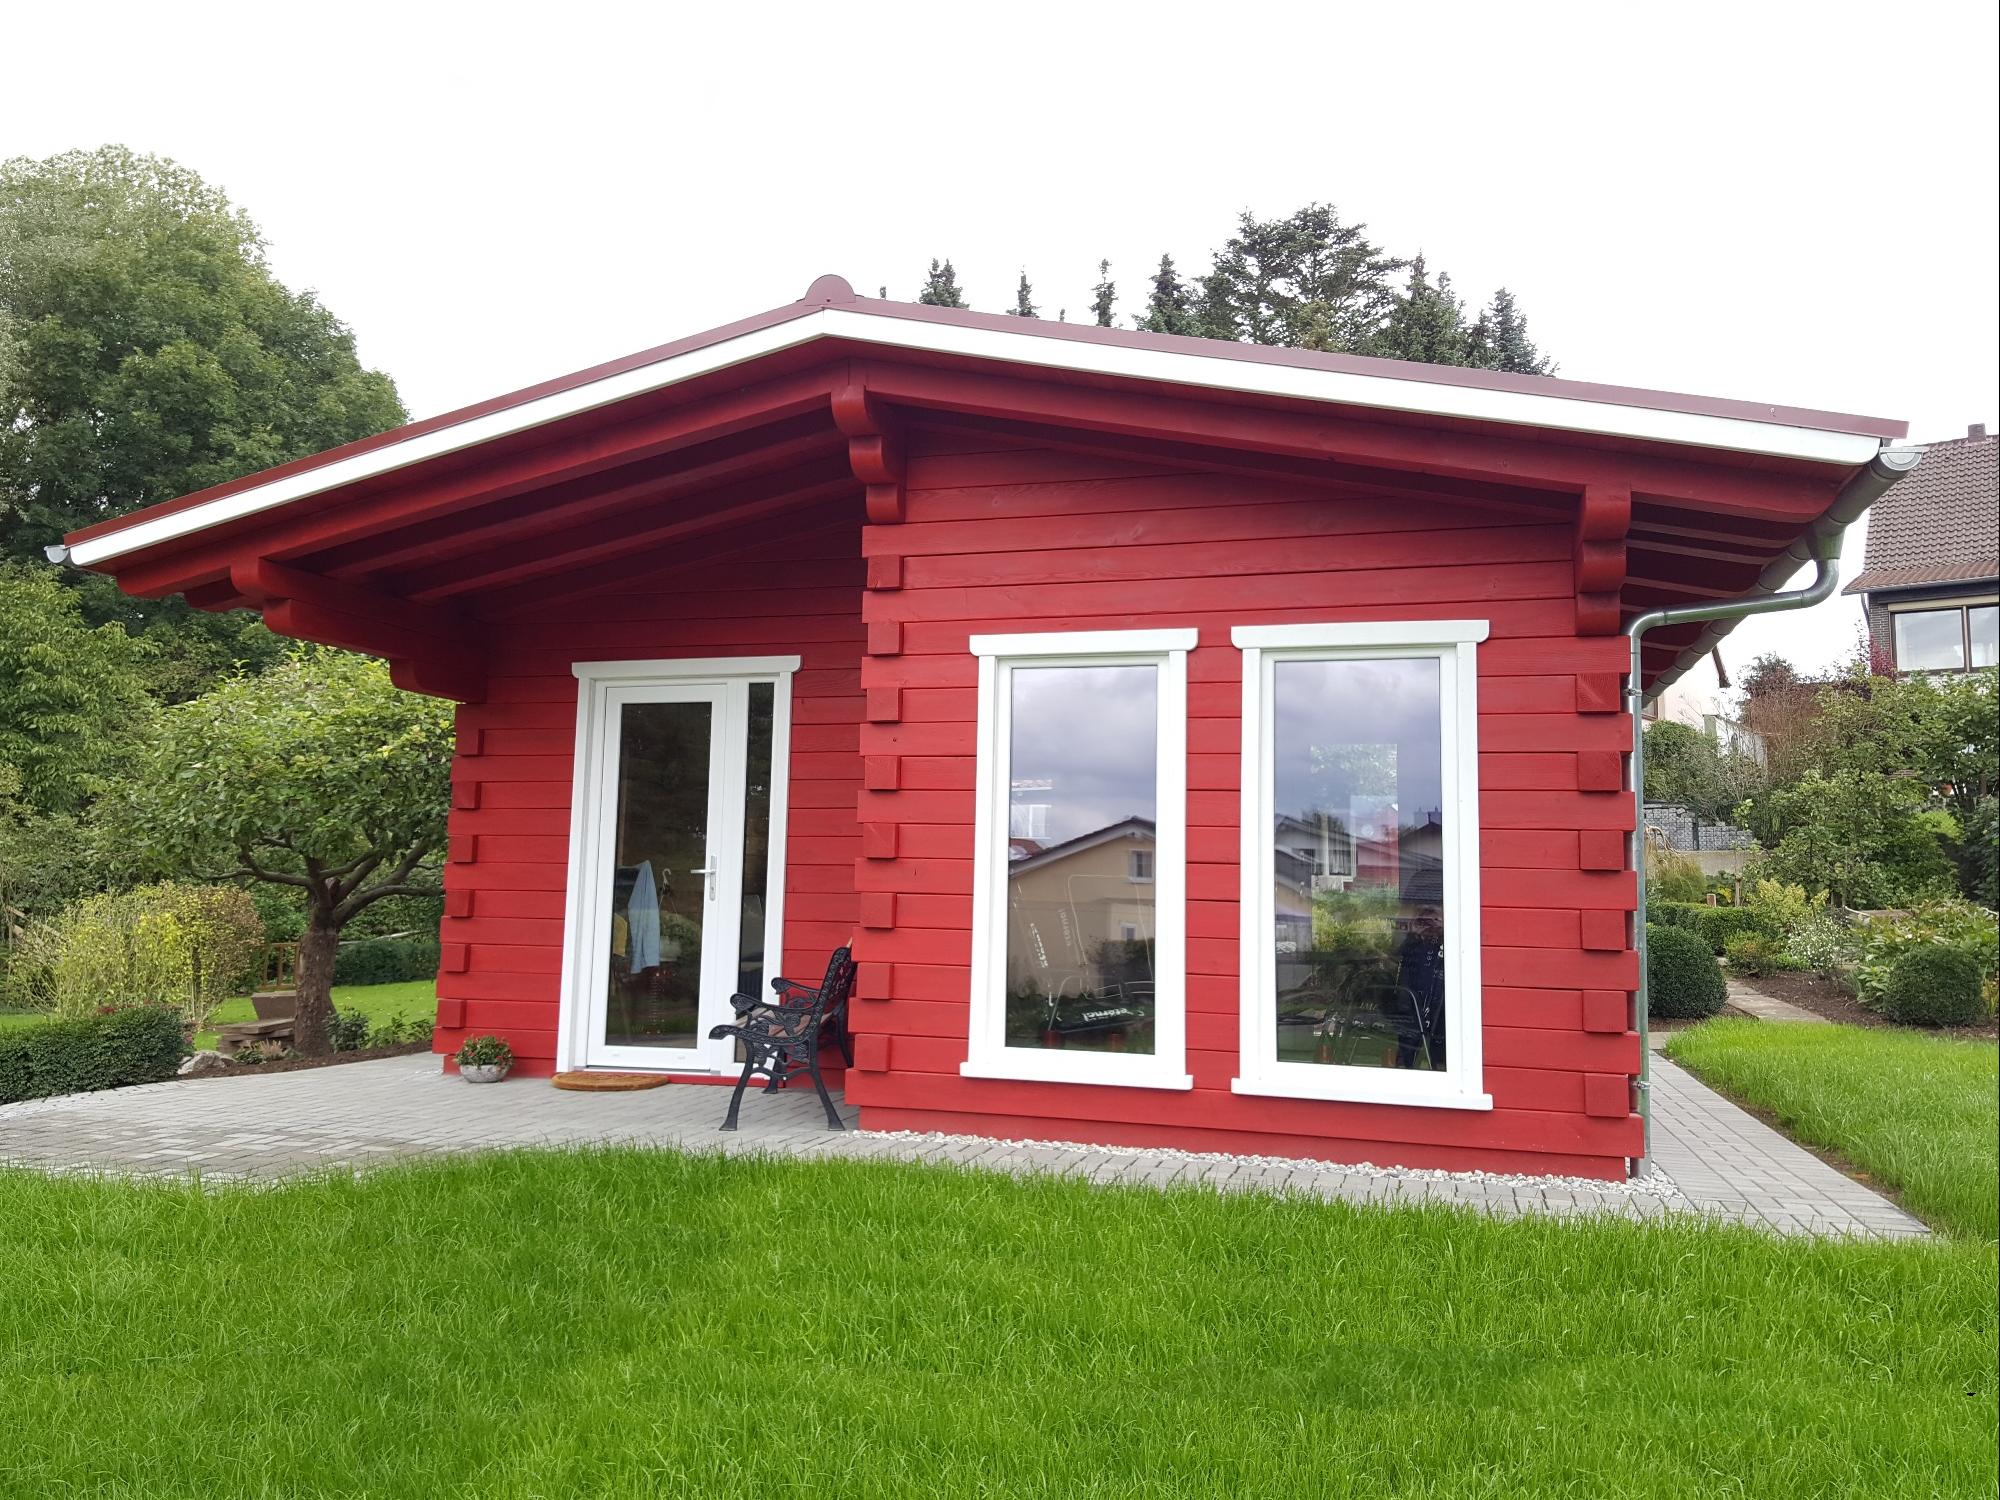 Gartenhaus, schwedenrot (1) weiße Akzente, Leimholz, große Fenster